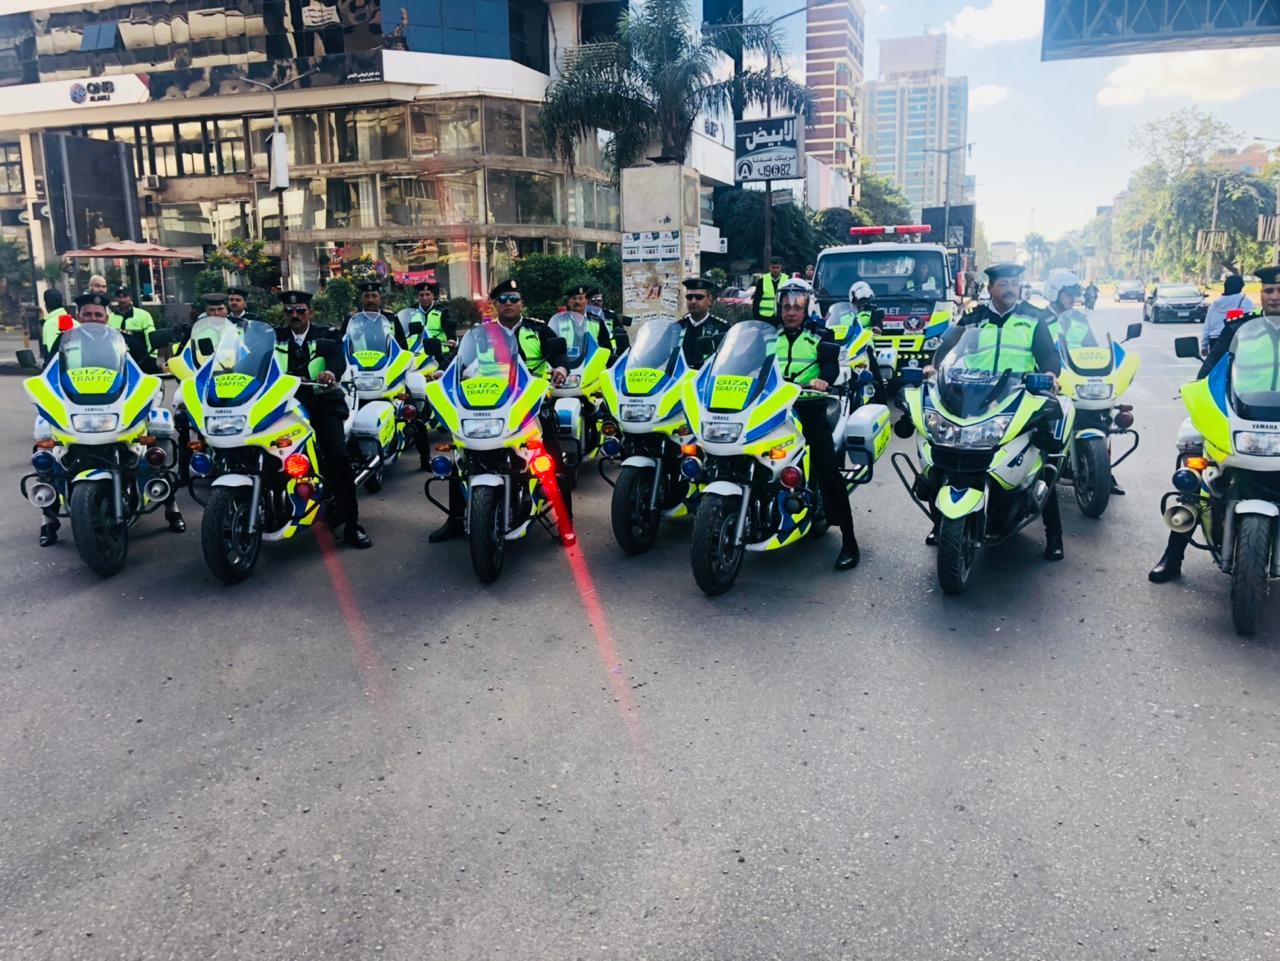 قوات الانتشار السريع تجوب الشوارع